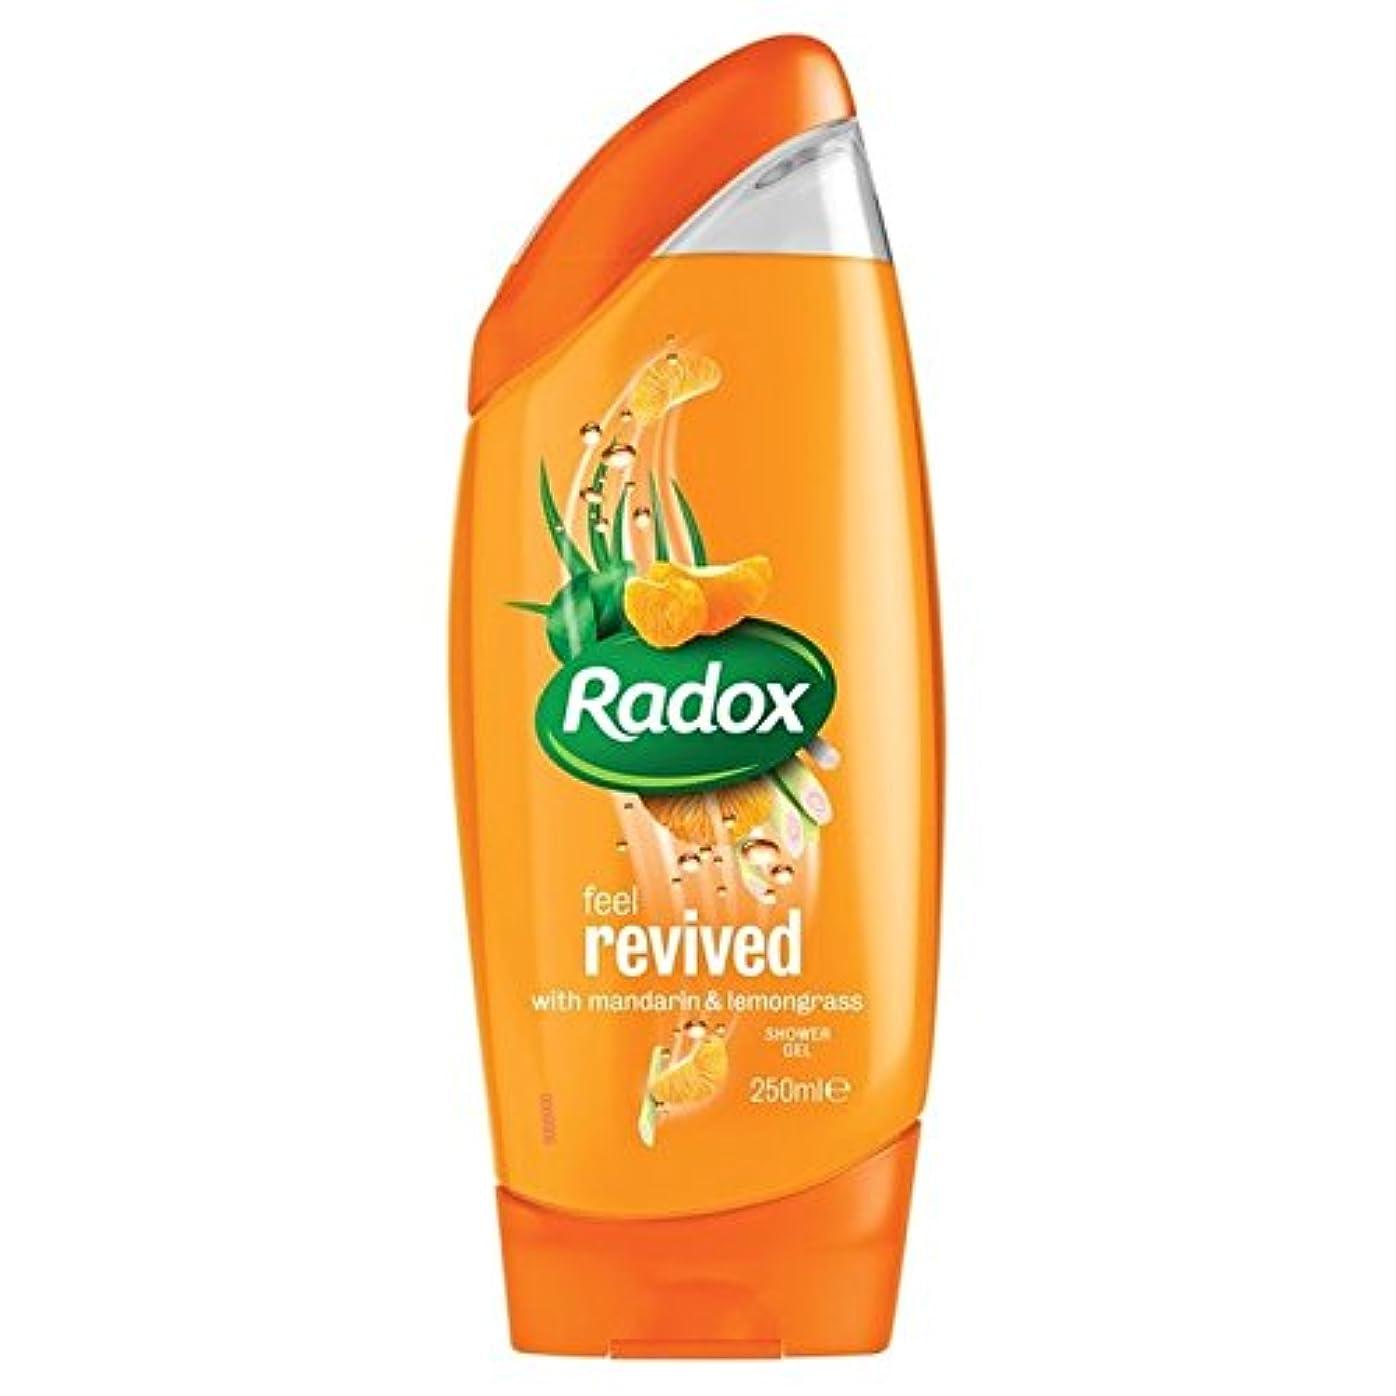 結紮プット船上のみかんは、シャワージェル250ミリリットルを復活させます x4 - Radox Mandarin Revive Shower Gel 250ml (Pack of 4) [並行輸入品]